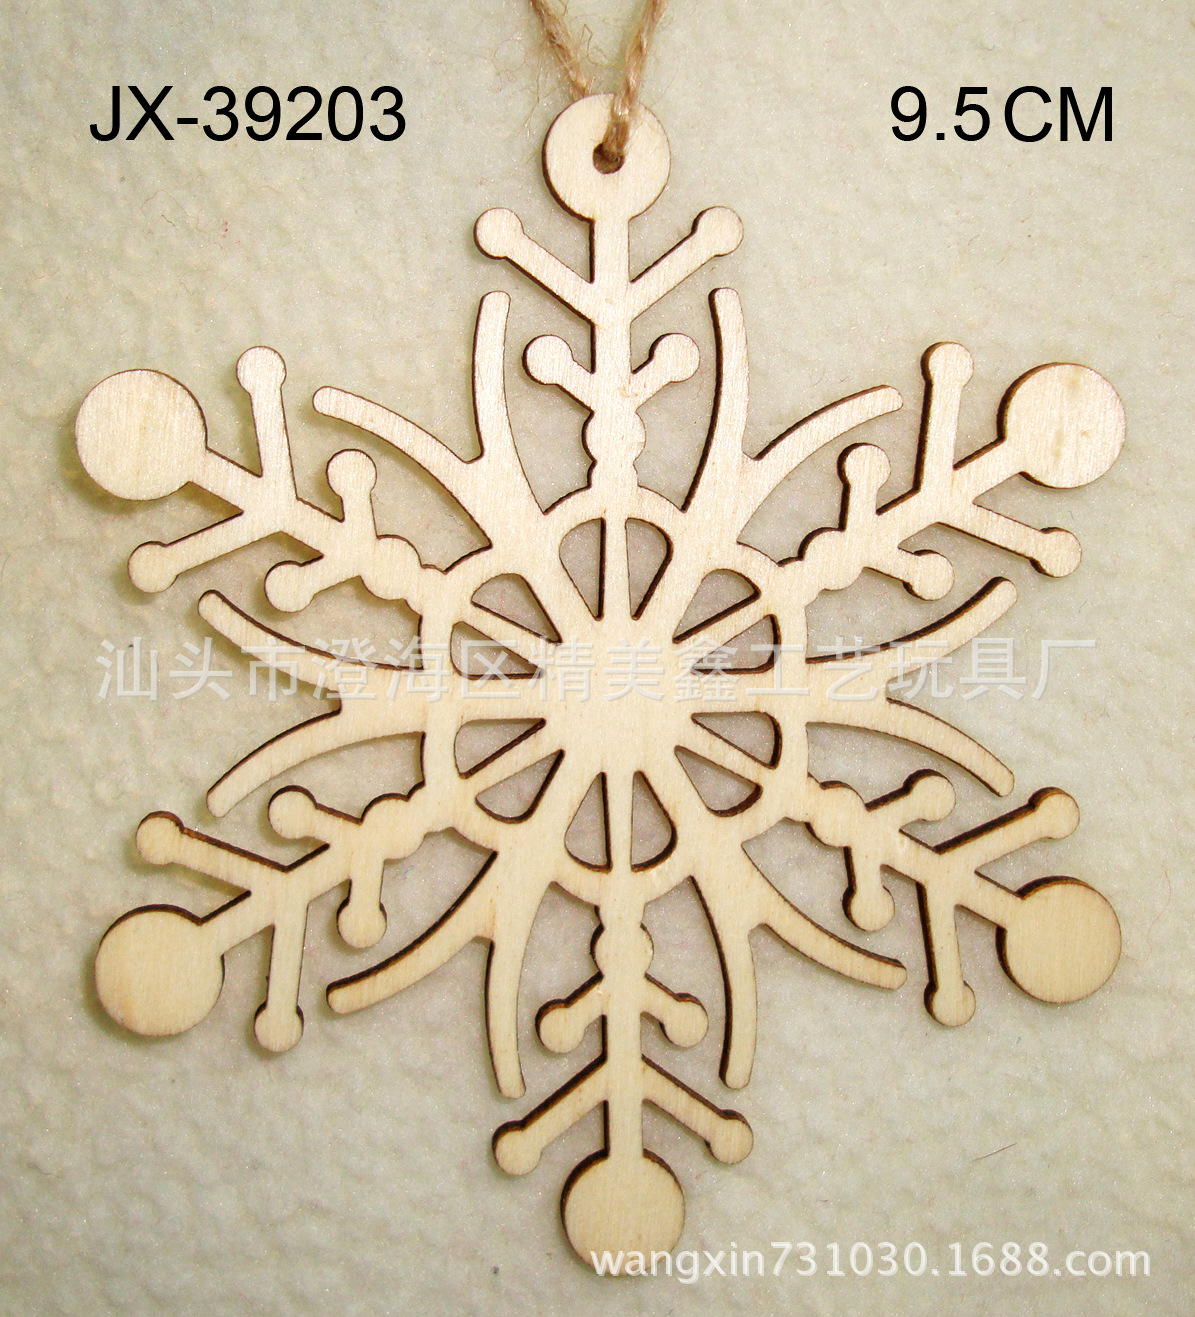 激光雕刻圣诞小挂件 镂空雕刻木质圣诞小礼品 圣诞雪花挂件